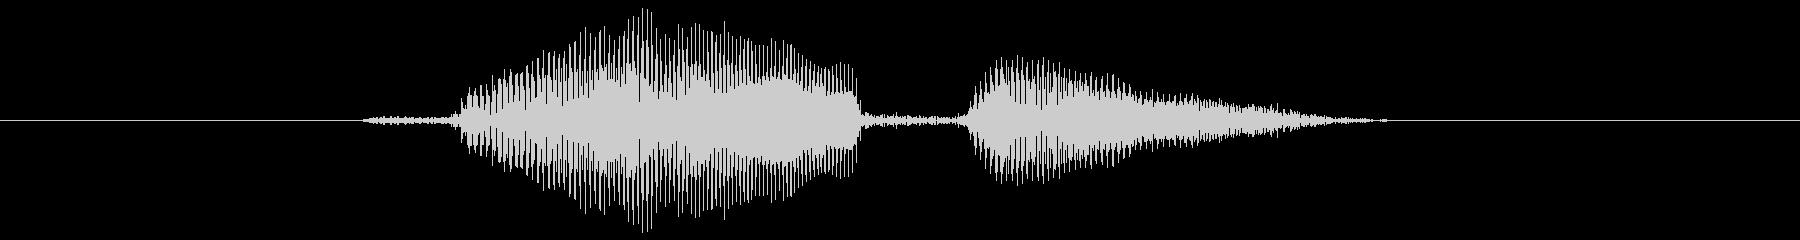 ロードの未再生の波形